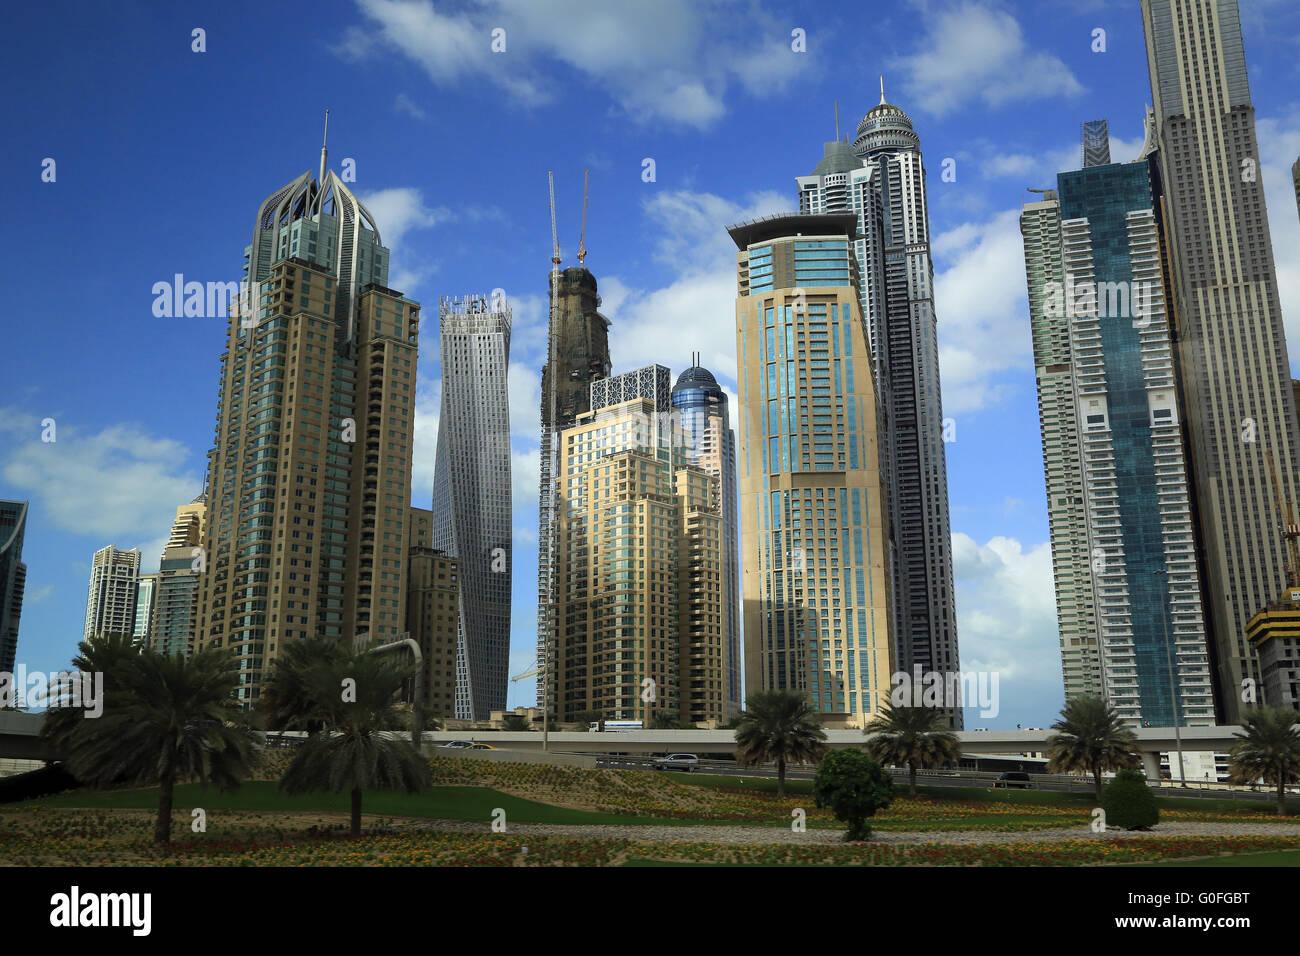 Dubai Marina with MeskTower and Cayan Tower - Stock Image